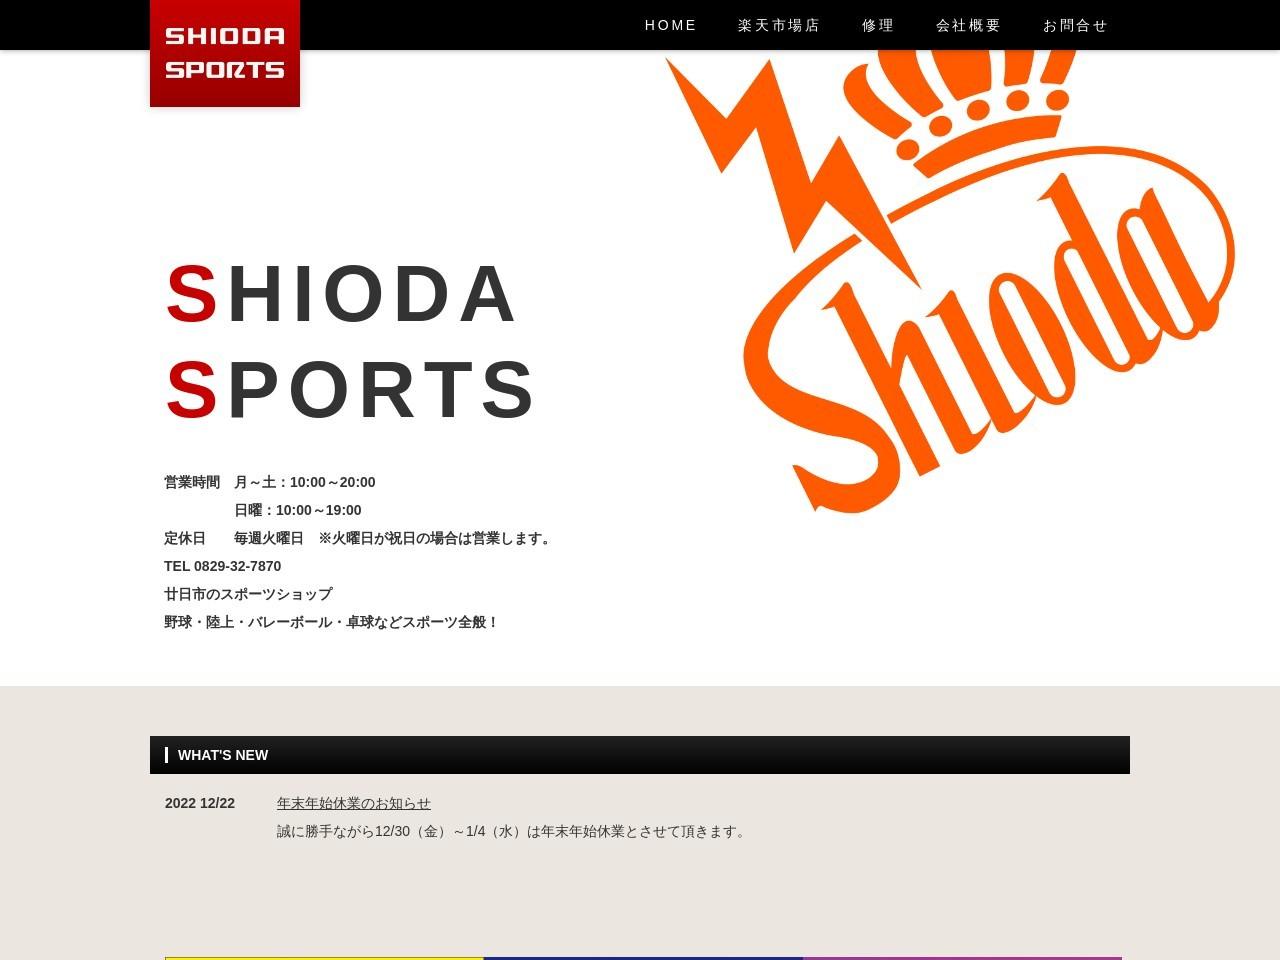 廿日市|シオダスポーツ|公式ホームページ|シオスポ